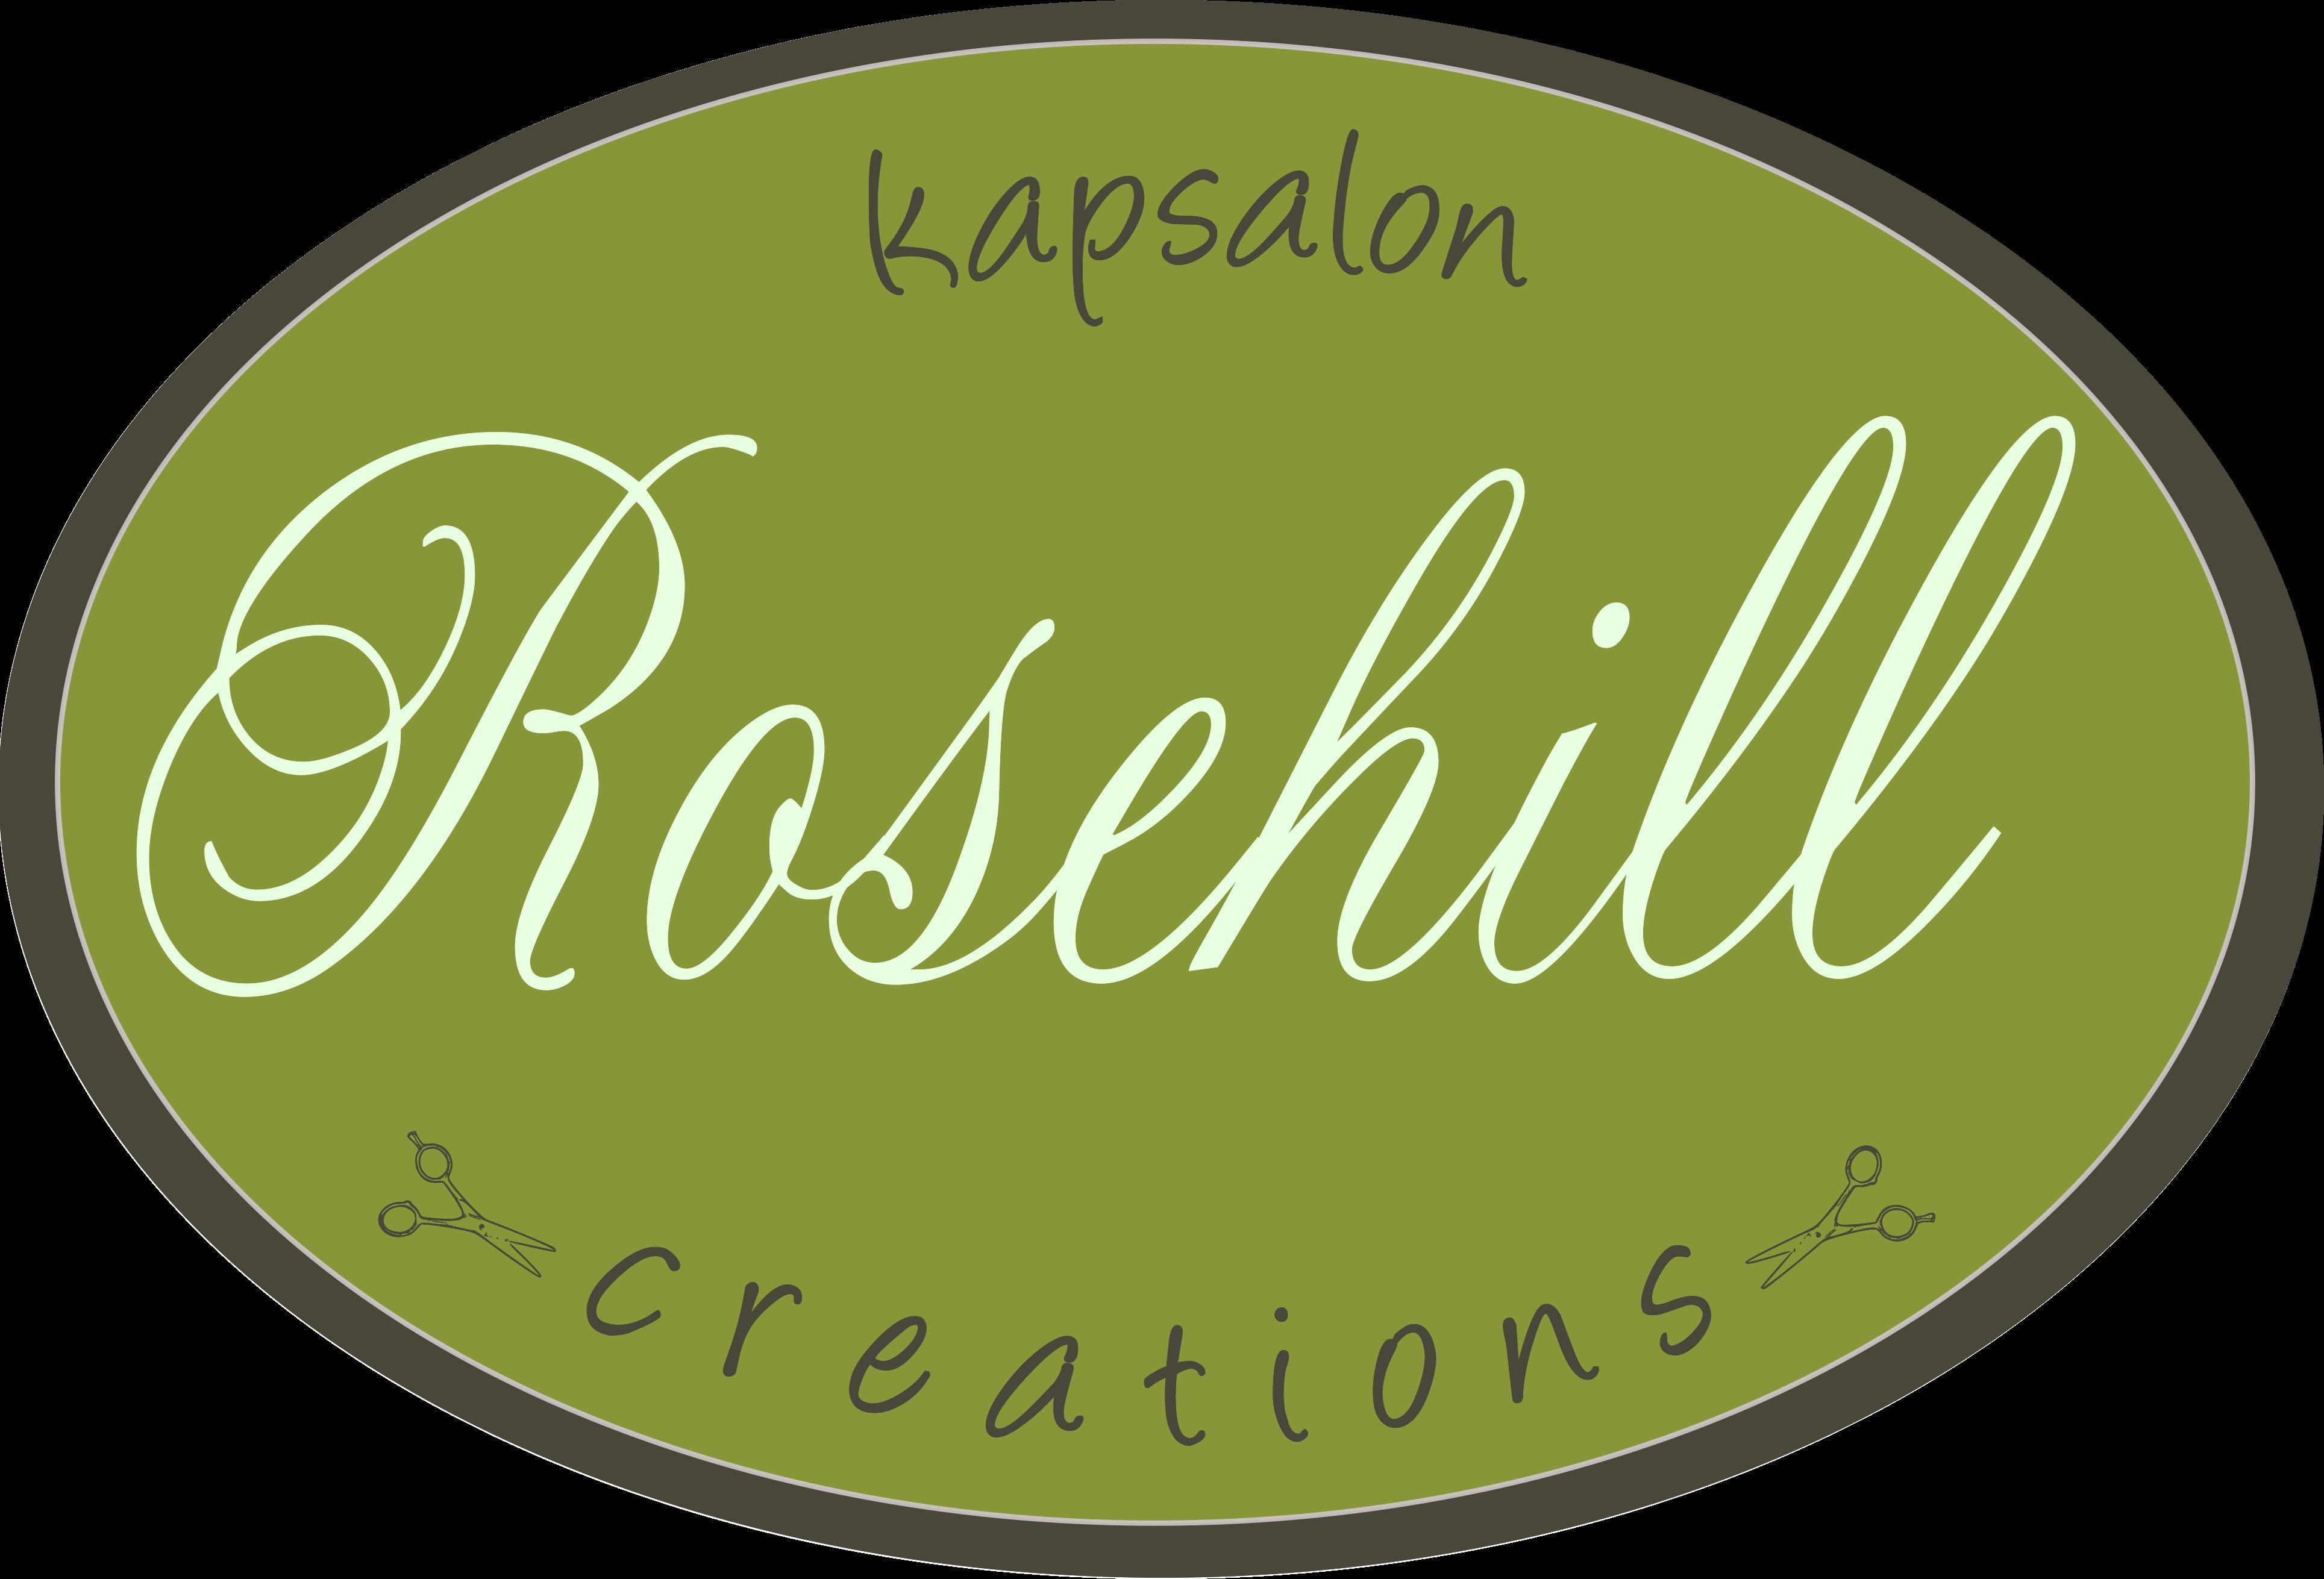 Kapper zuidland - Kapsalon Rosehill Creations